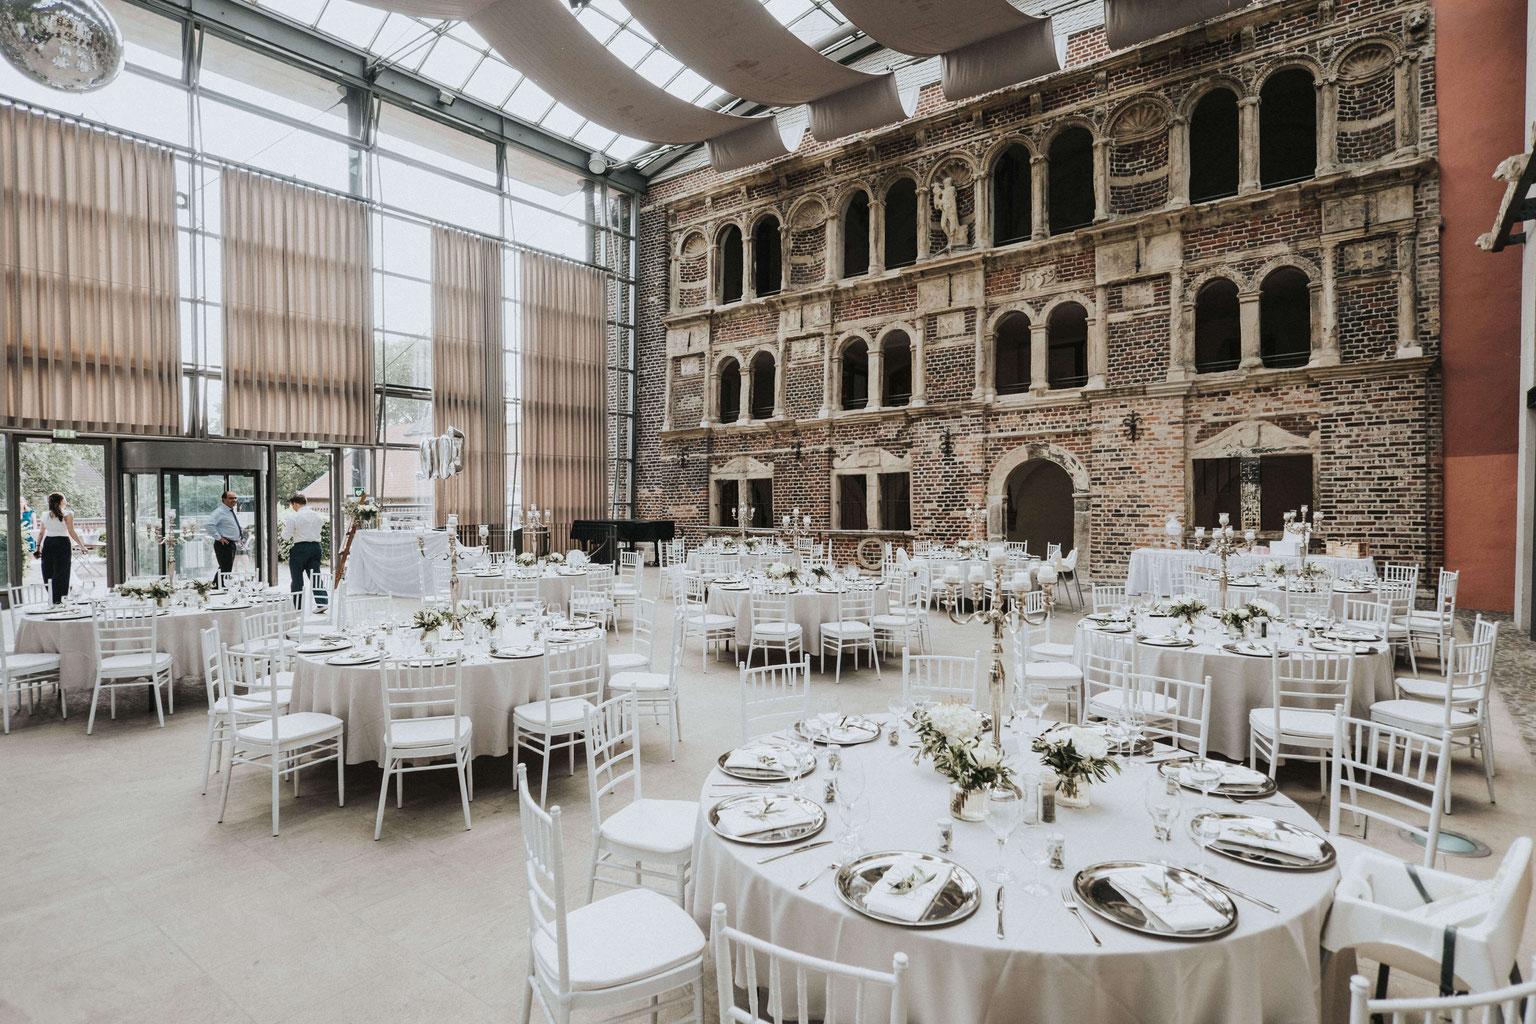 Neues Schloss Meersburg Heiraten Im Neuen Schloss Meersburg